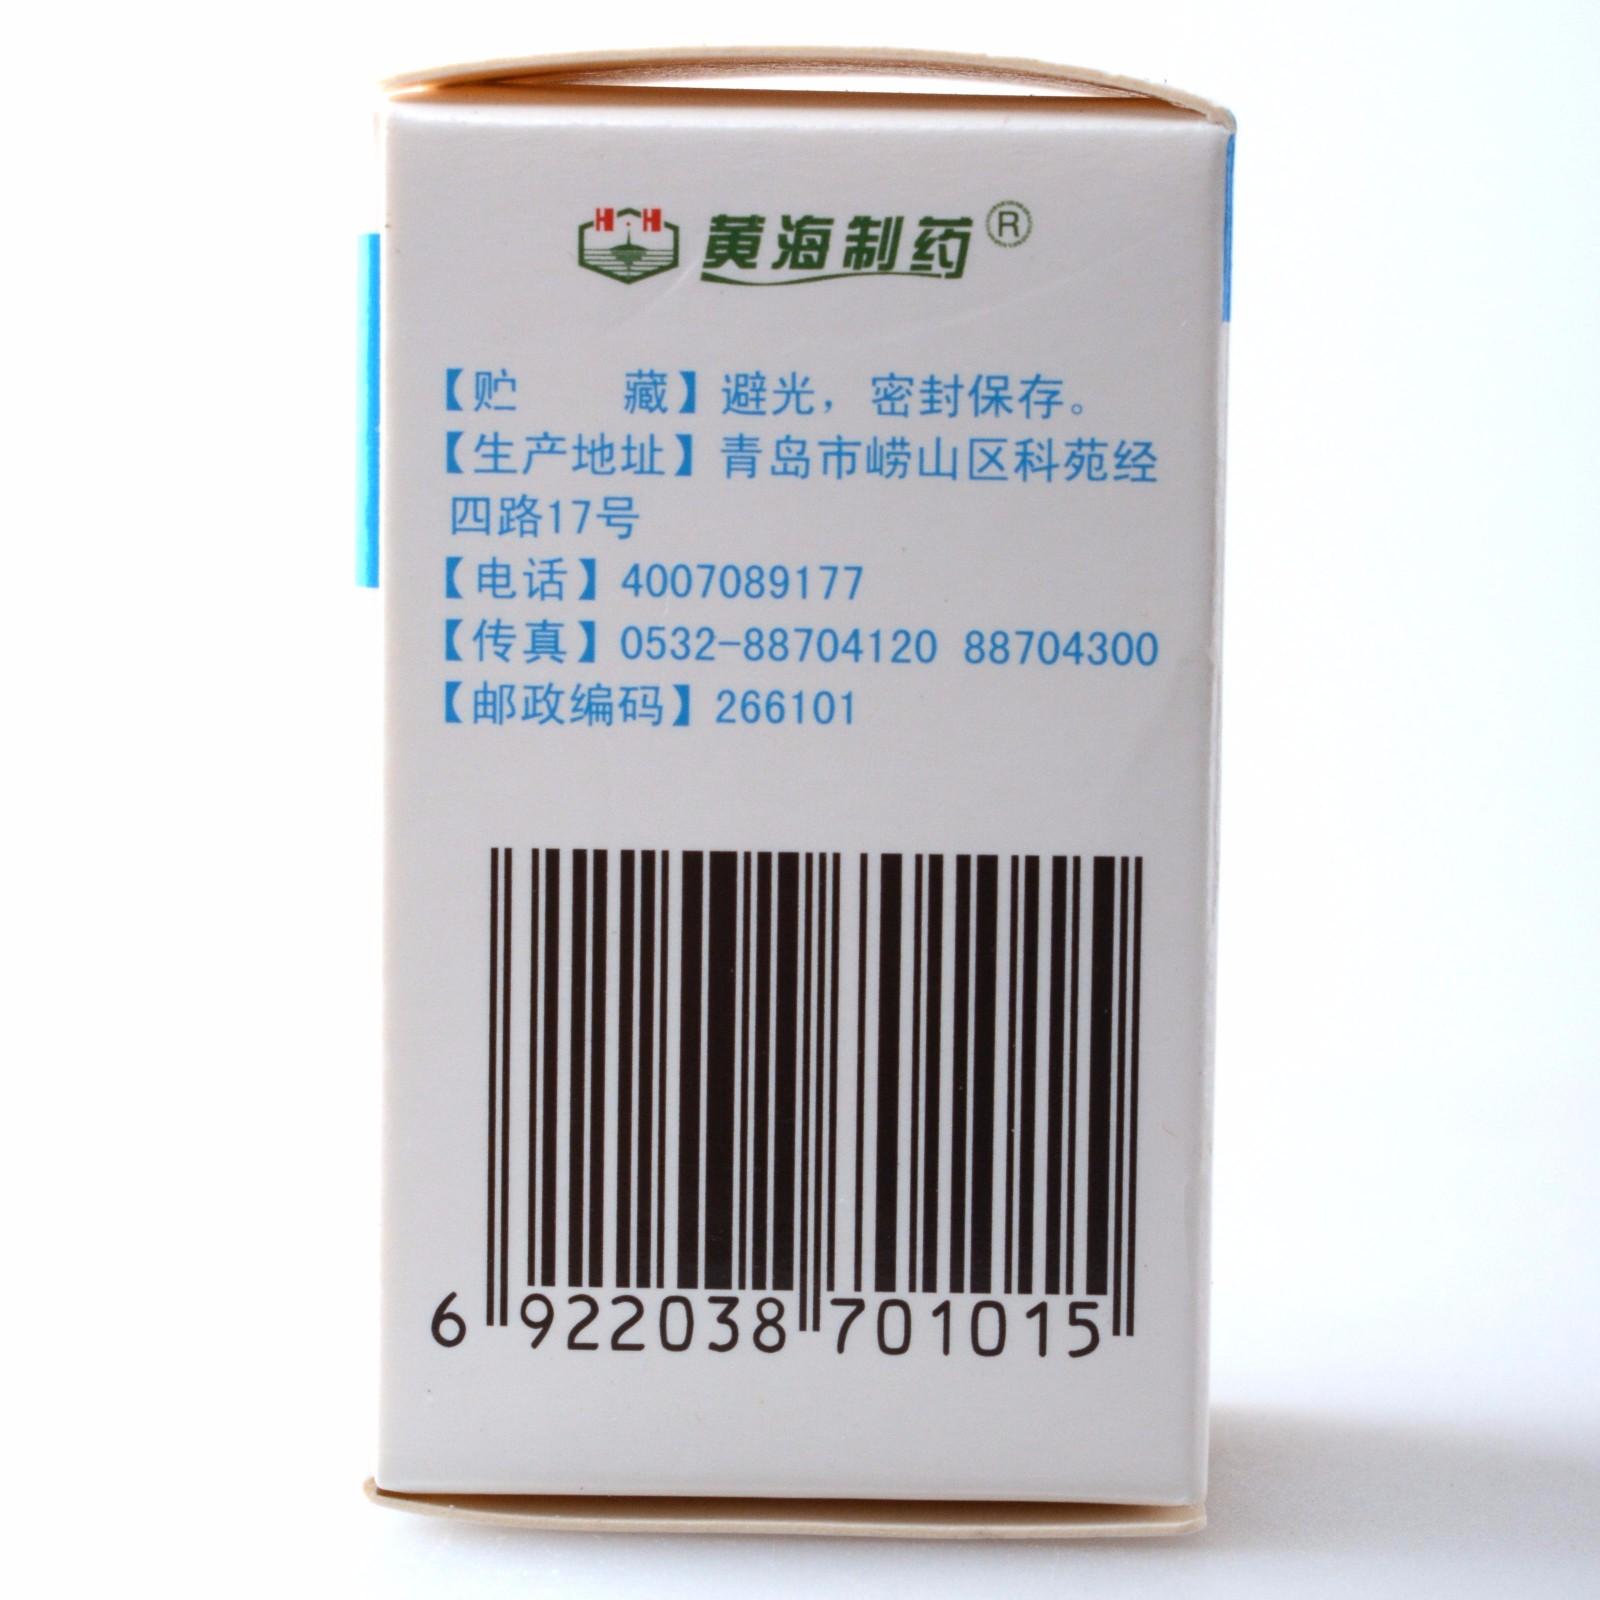 伲福达 硝苯地平缓释片II 20mg*30片